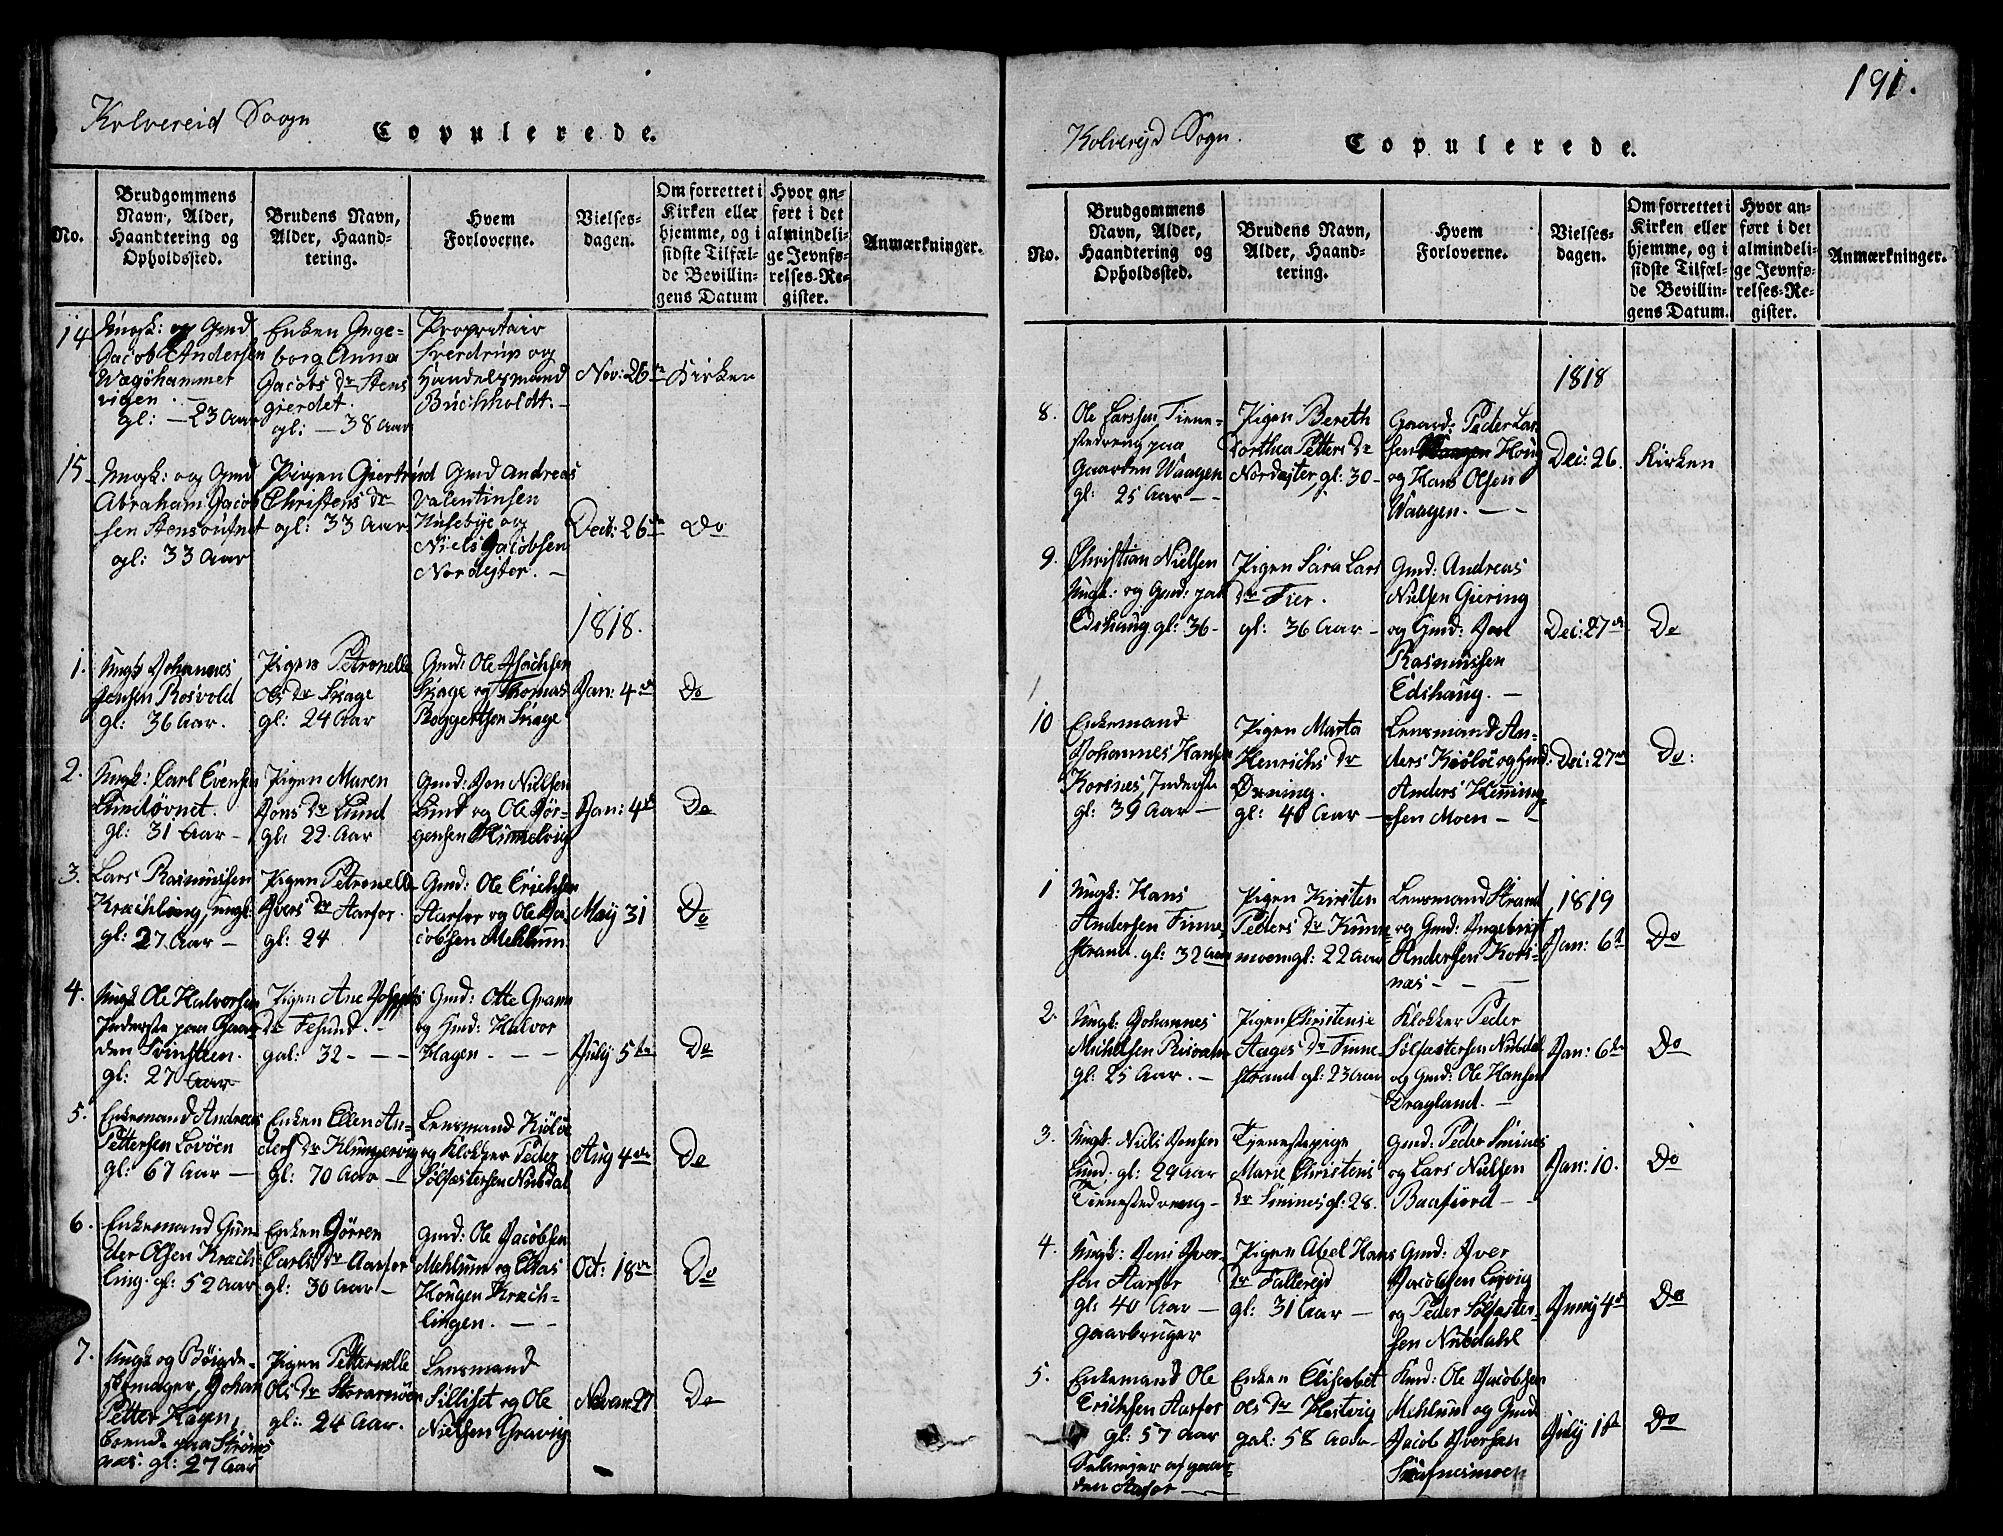 SAT, Ministerialprotokoller, klokkerbøker og fødselsregistre - Nord-Trøndelag, 780/L0648: Klokkerbok nr. 780C01 /1, 1815-1870, s. 191